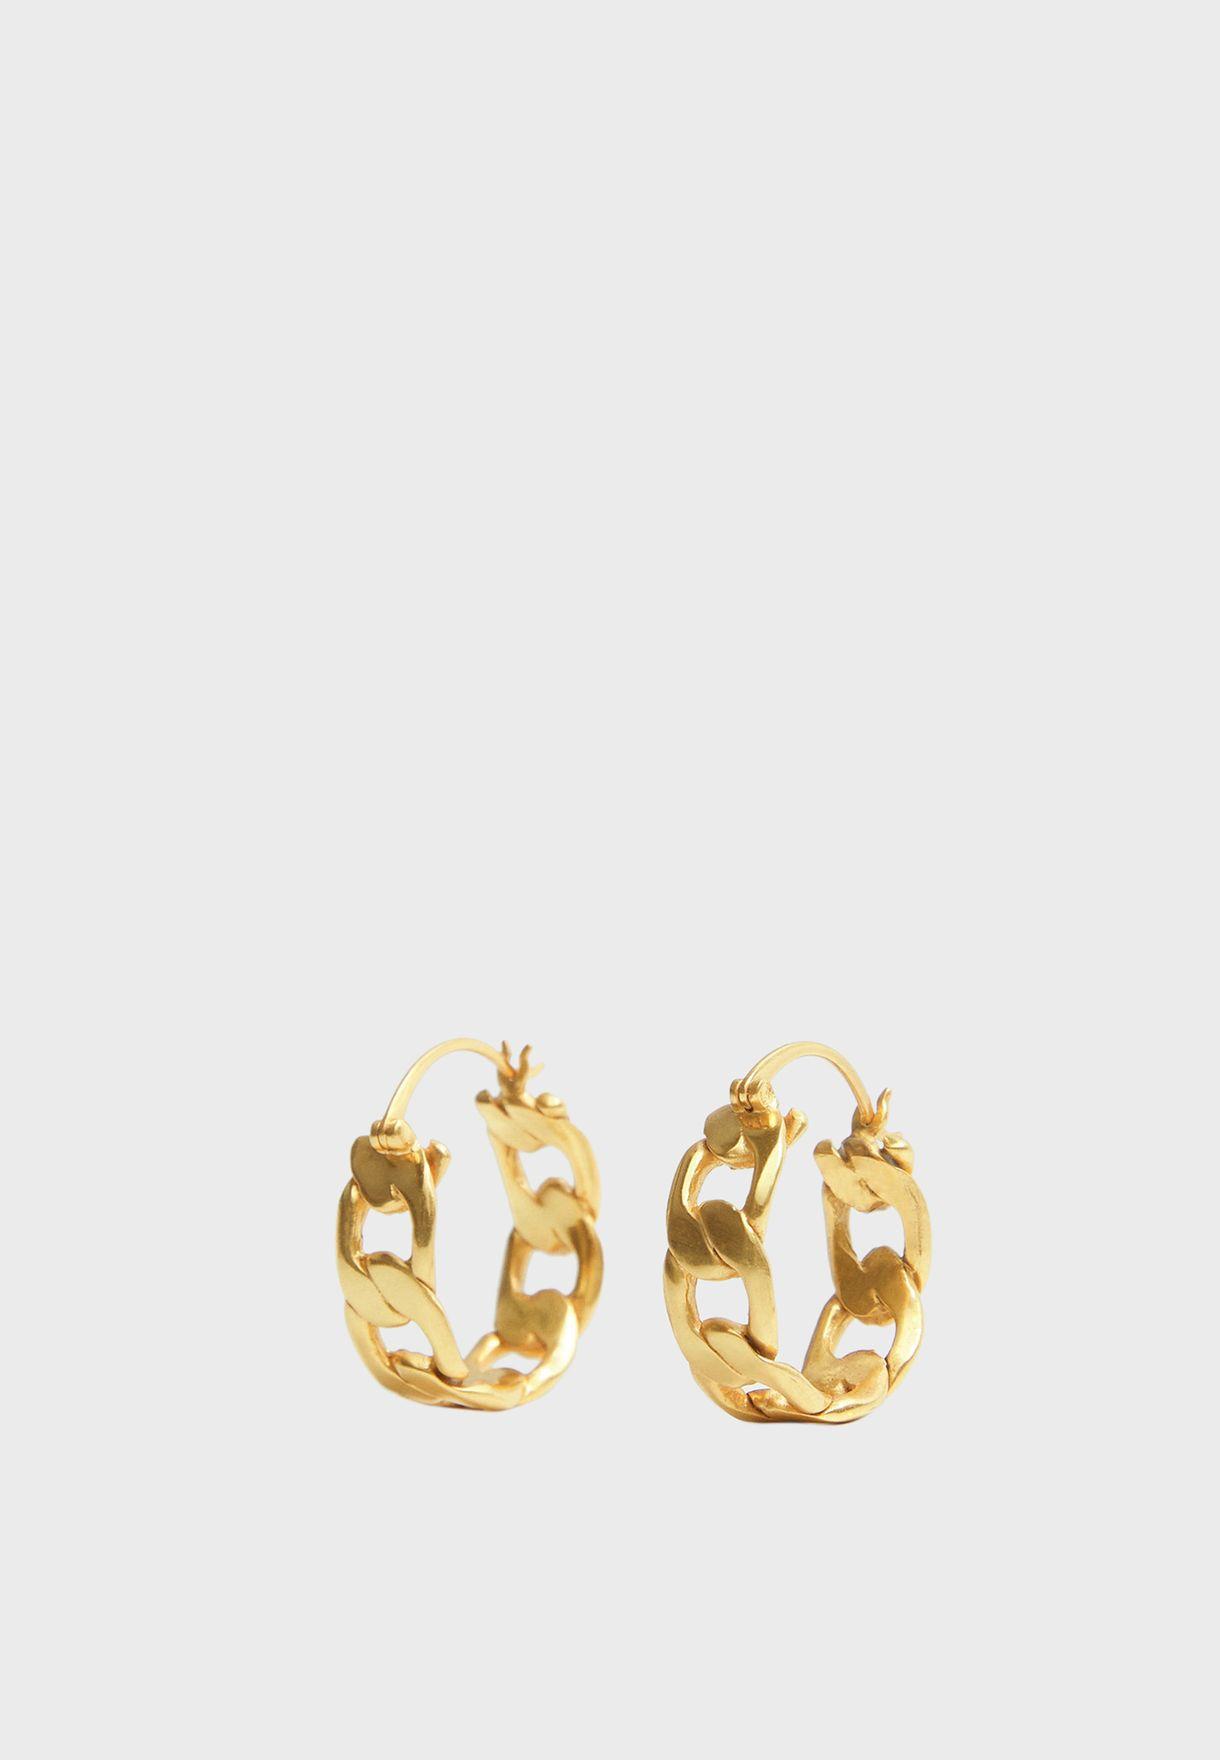 Leonardo Link Hoop Earrings